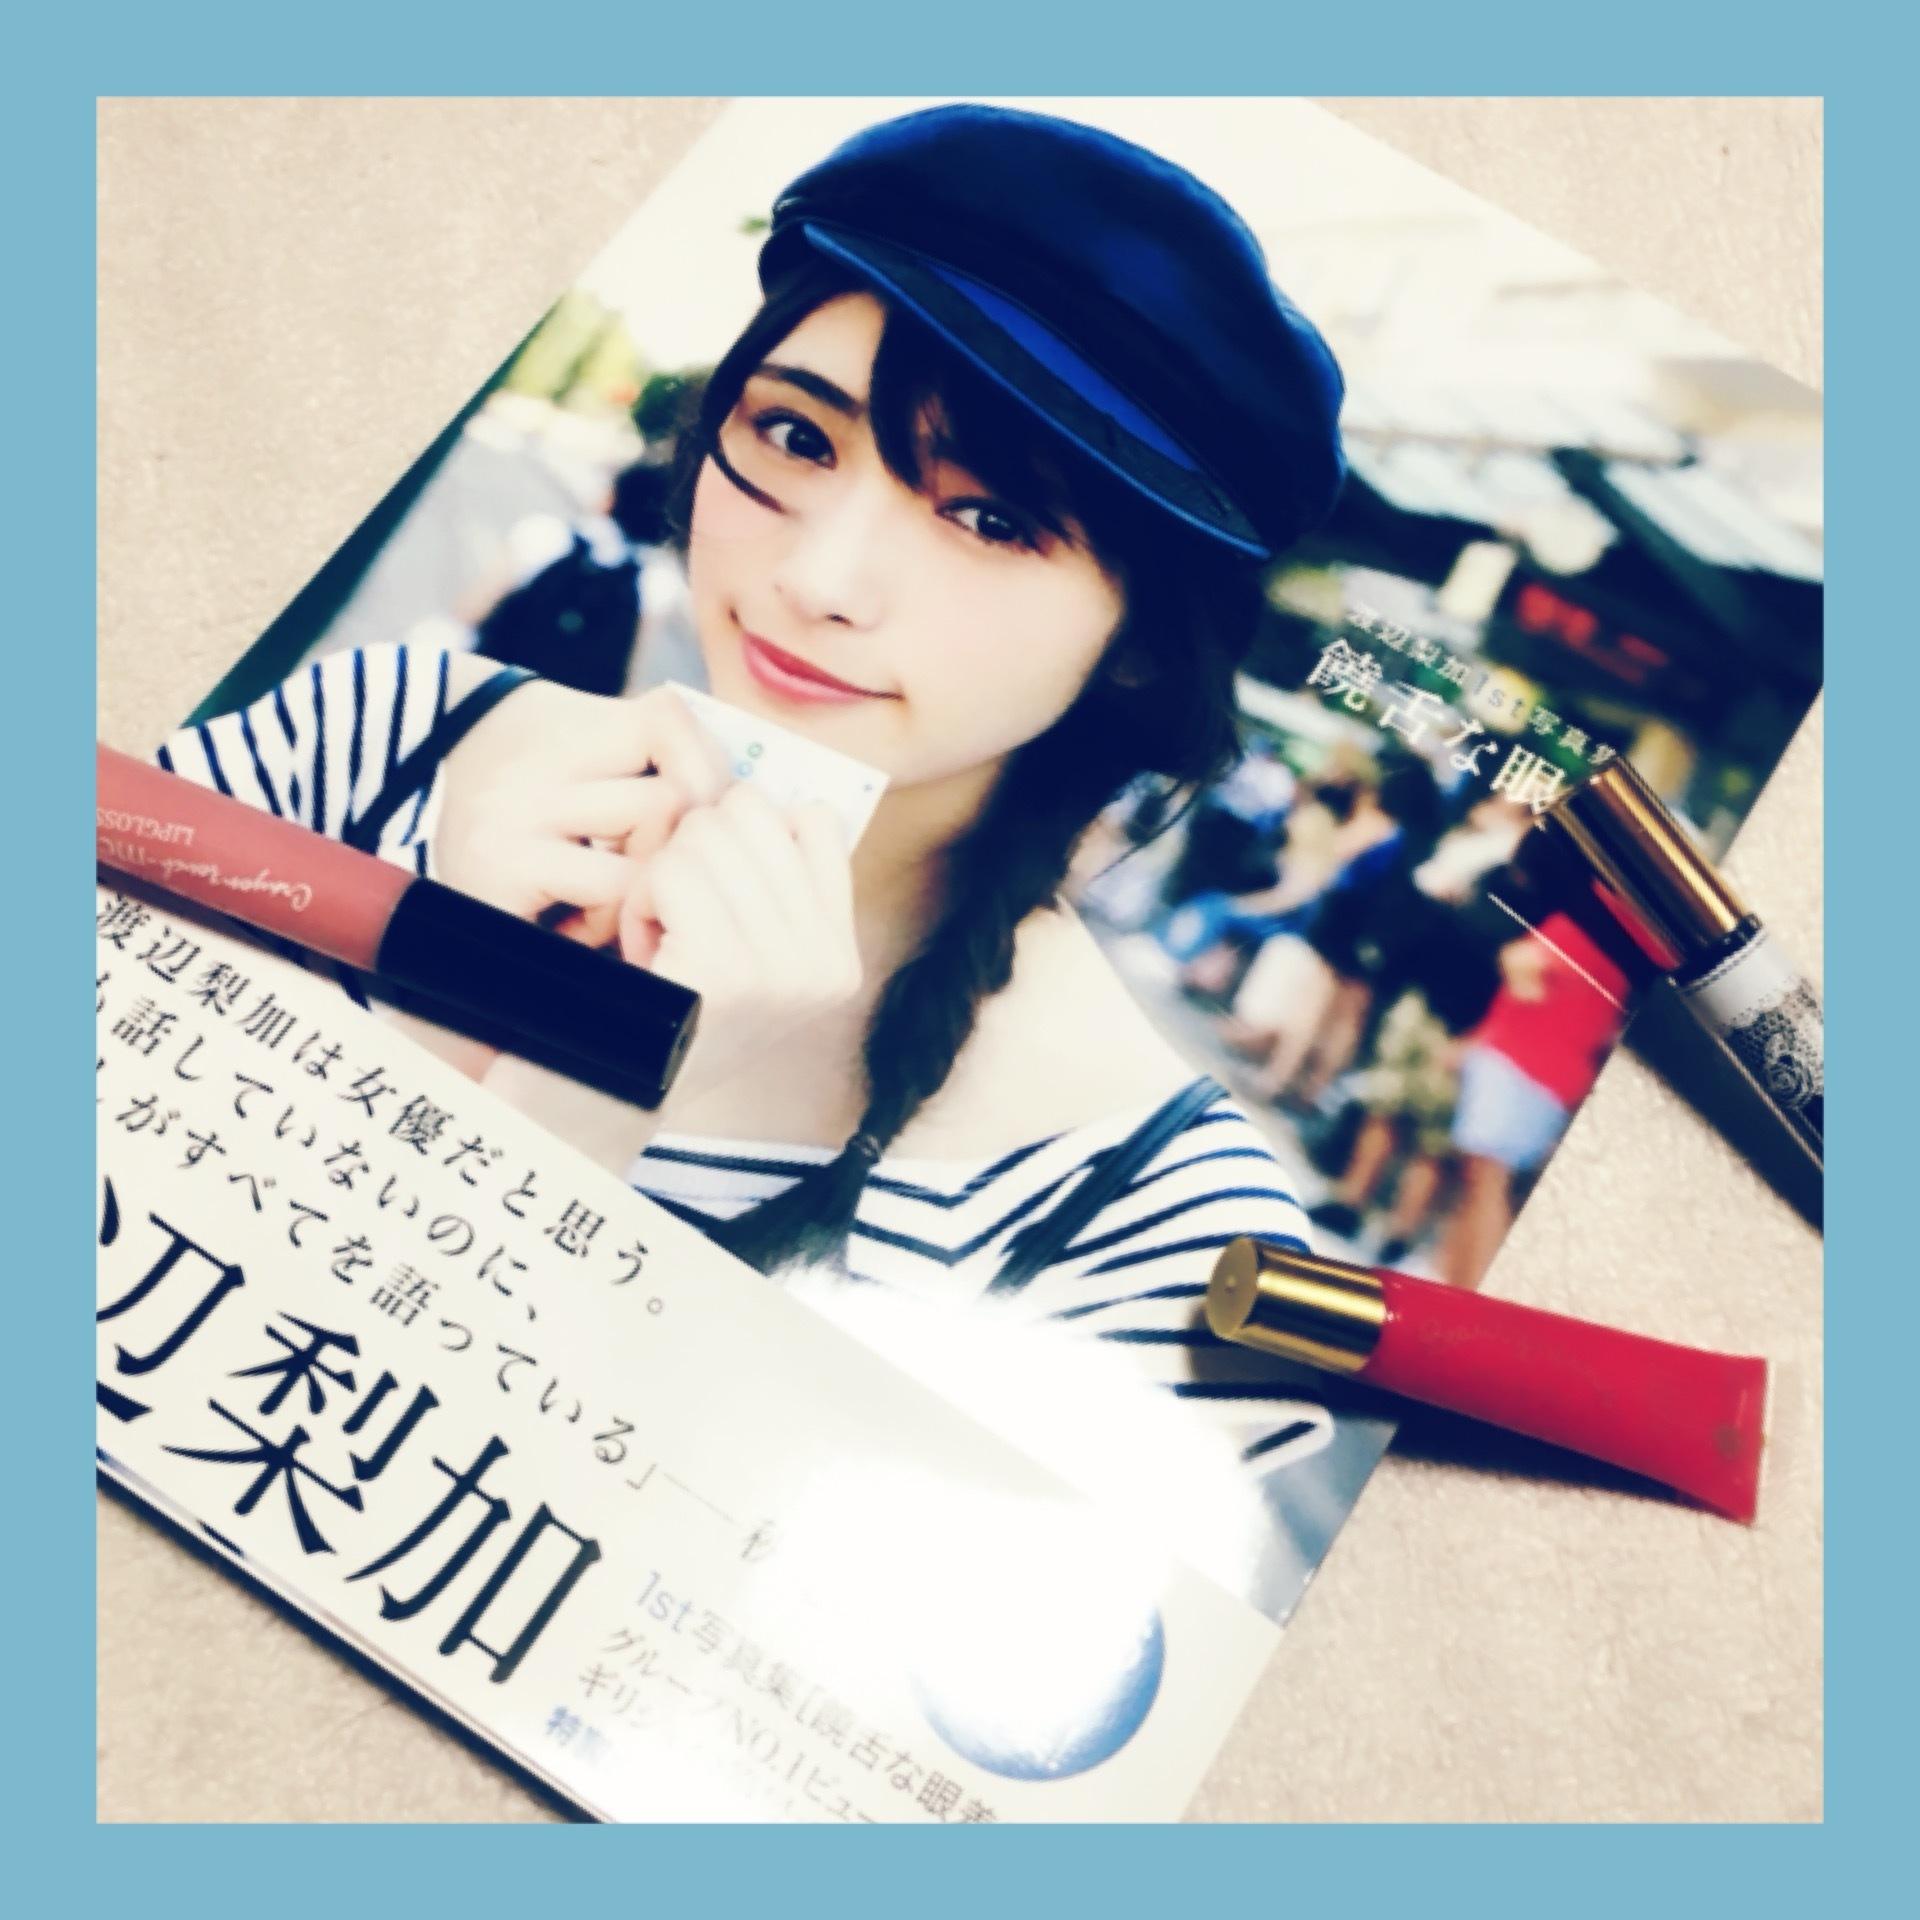 「欅坂46 渡辺梨加さん 写真集」で女子力アップ!?♡_1_1